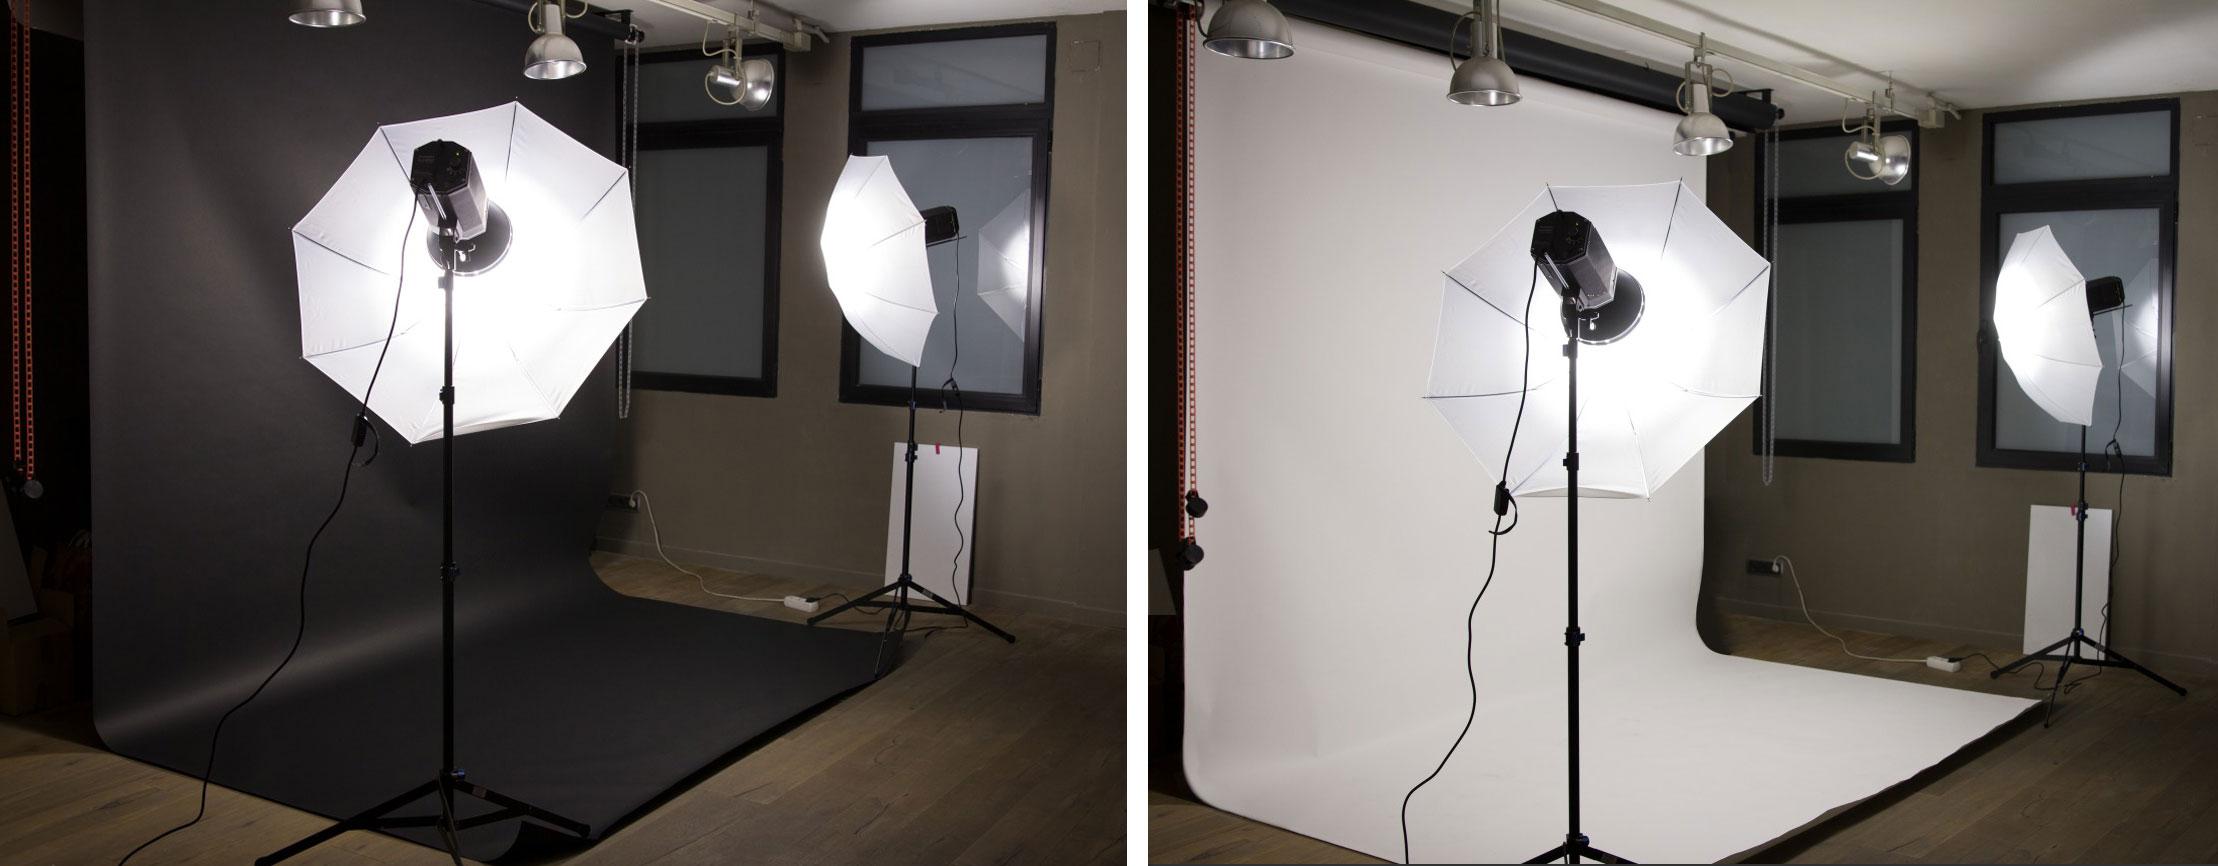 estudio-fotografia-copymouse